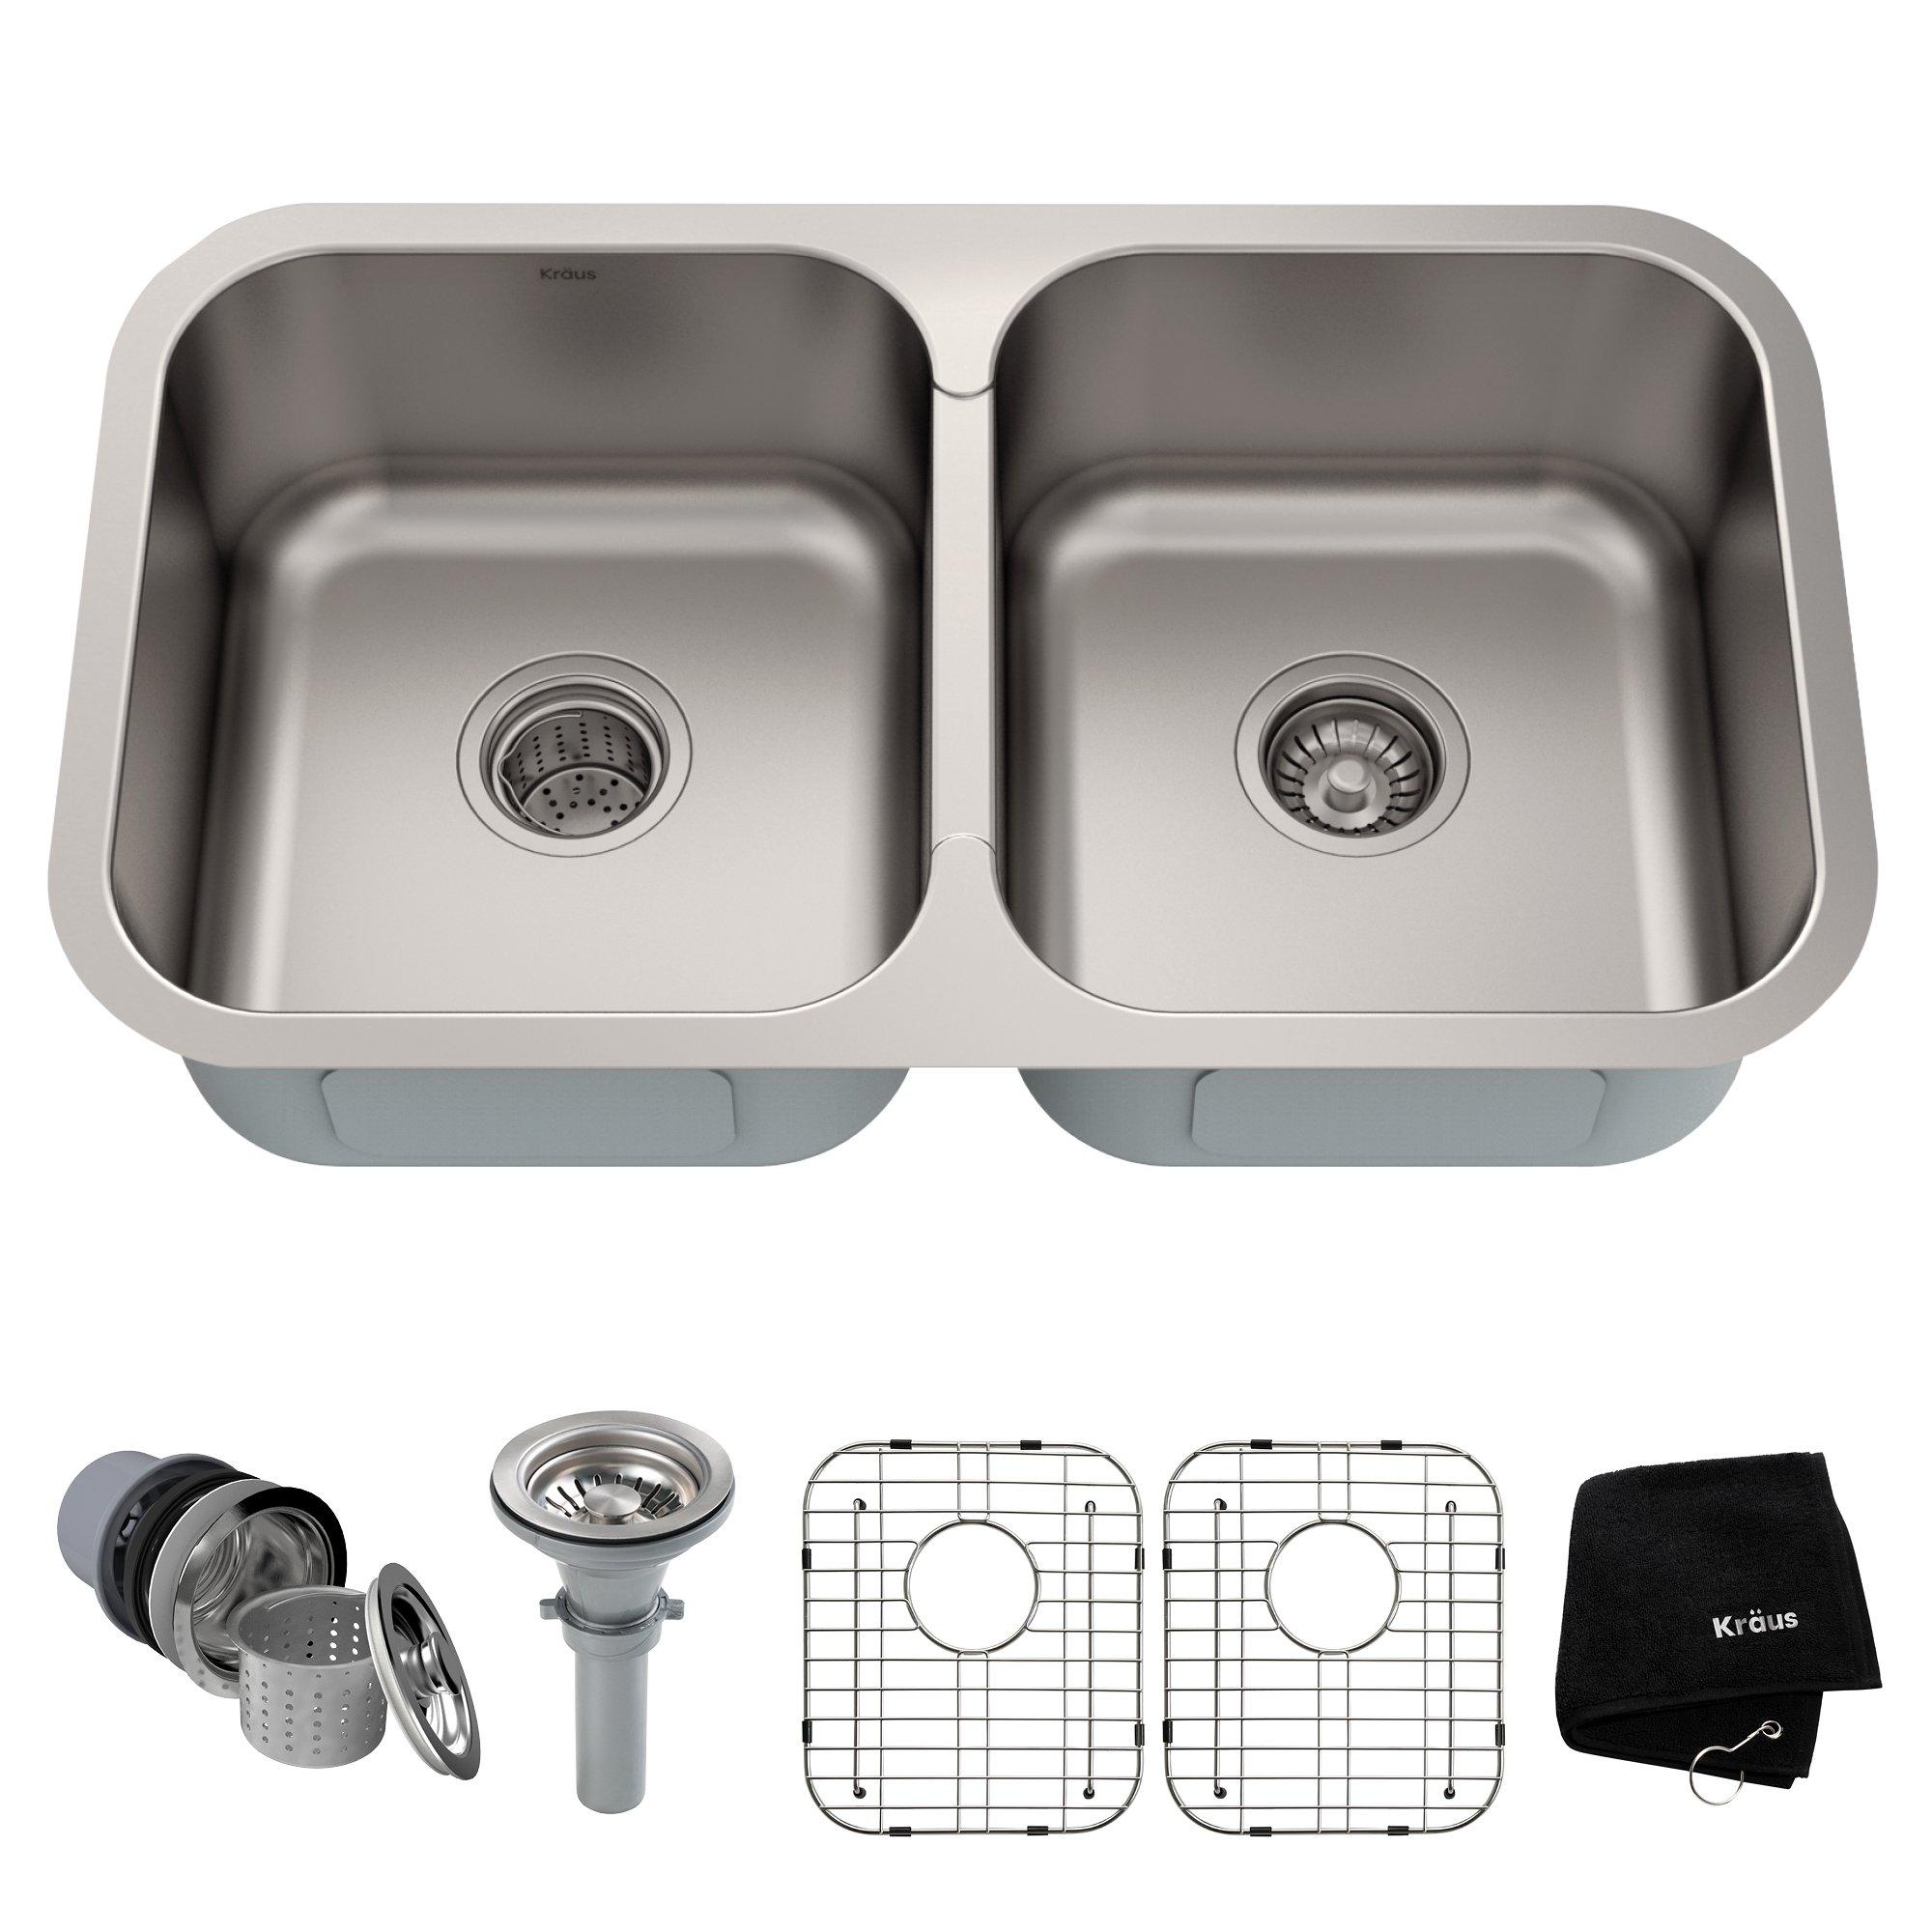 Kraus KBU29 32 inch Undermount 50/50 Double Bowl 18 gauge Stainless Steel Kitchen Sink